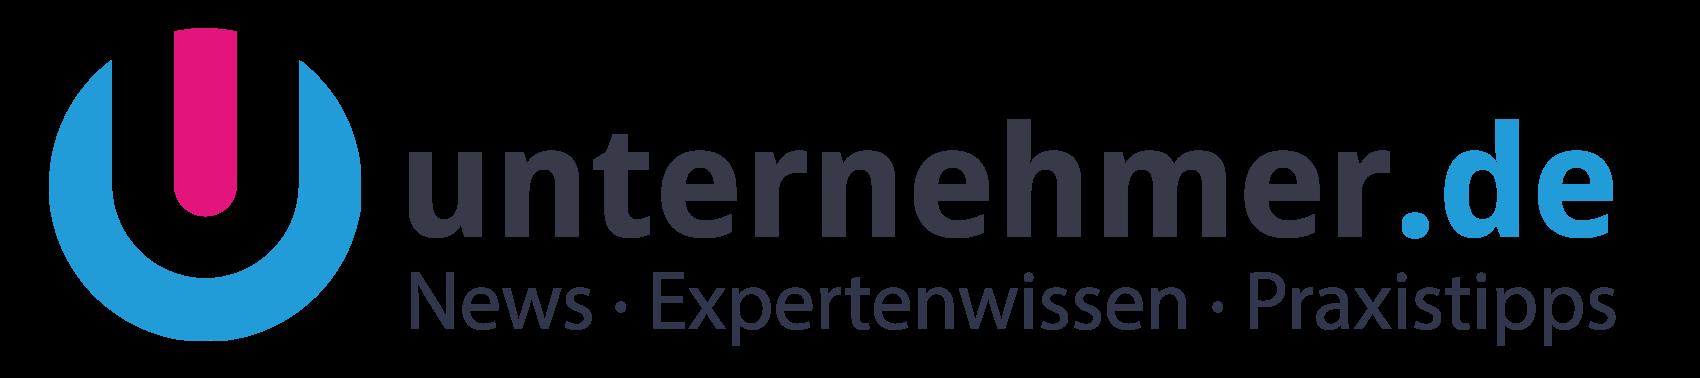 Coaching Ausbildung Presse bei unternehmer.de